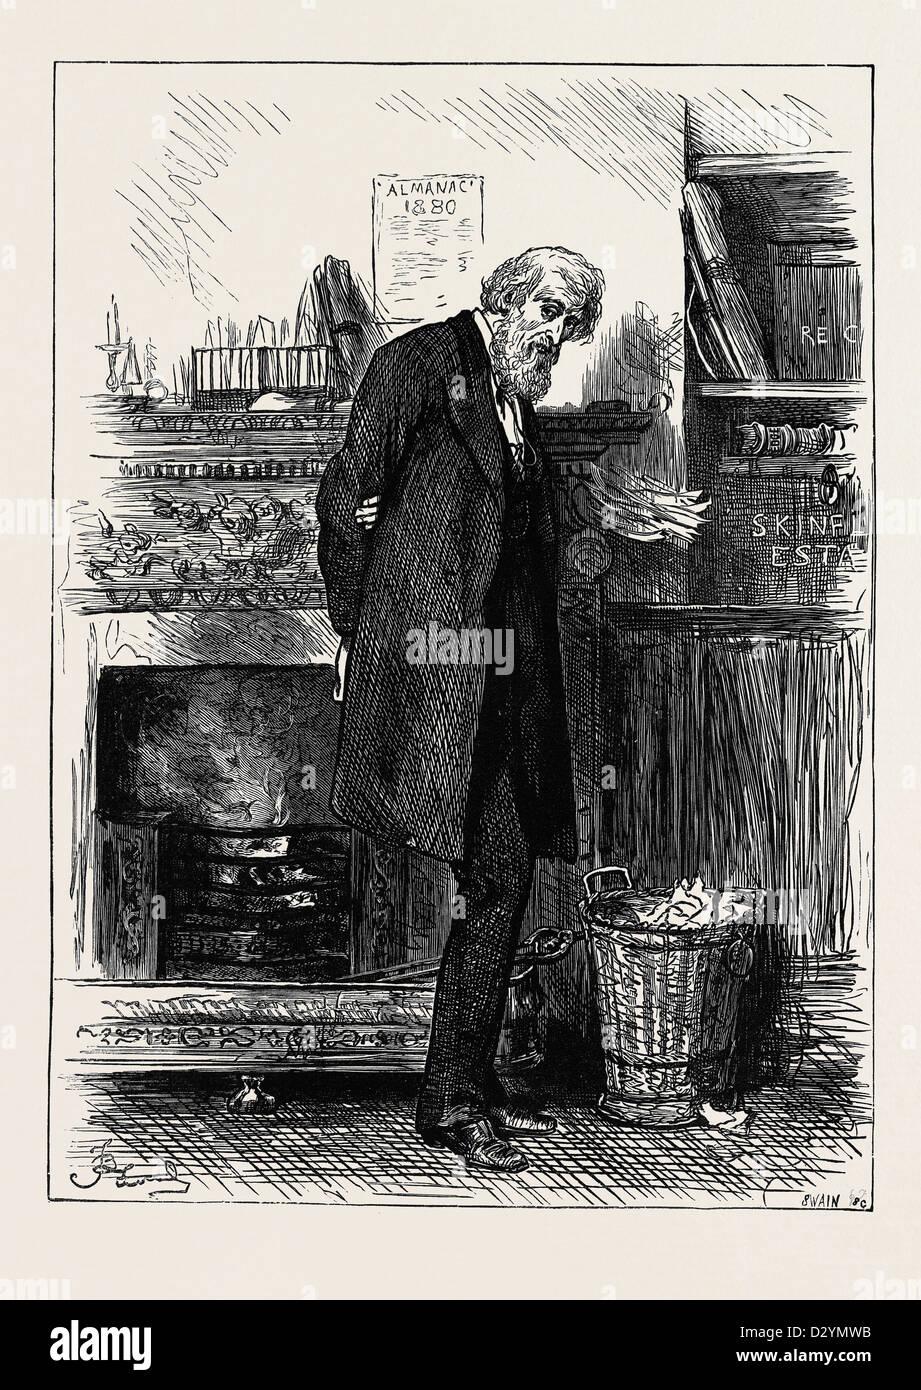 La famiglia SOLICITOR 1880 Immagini Stock